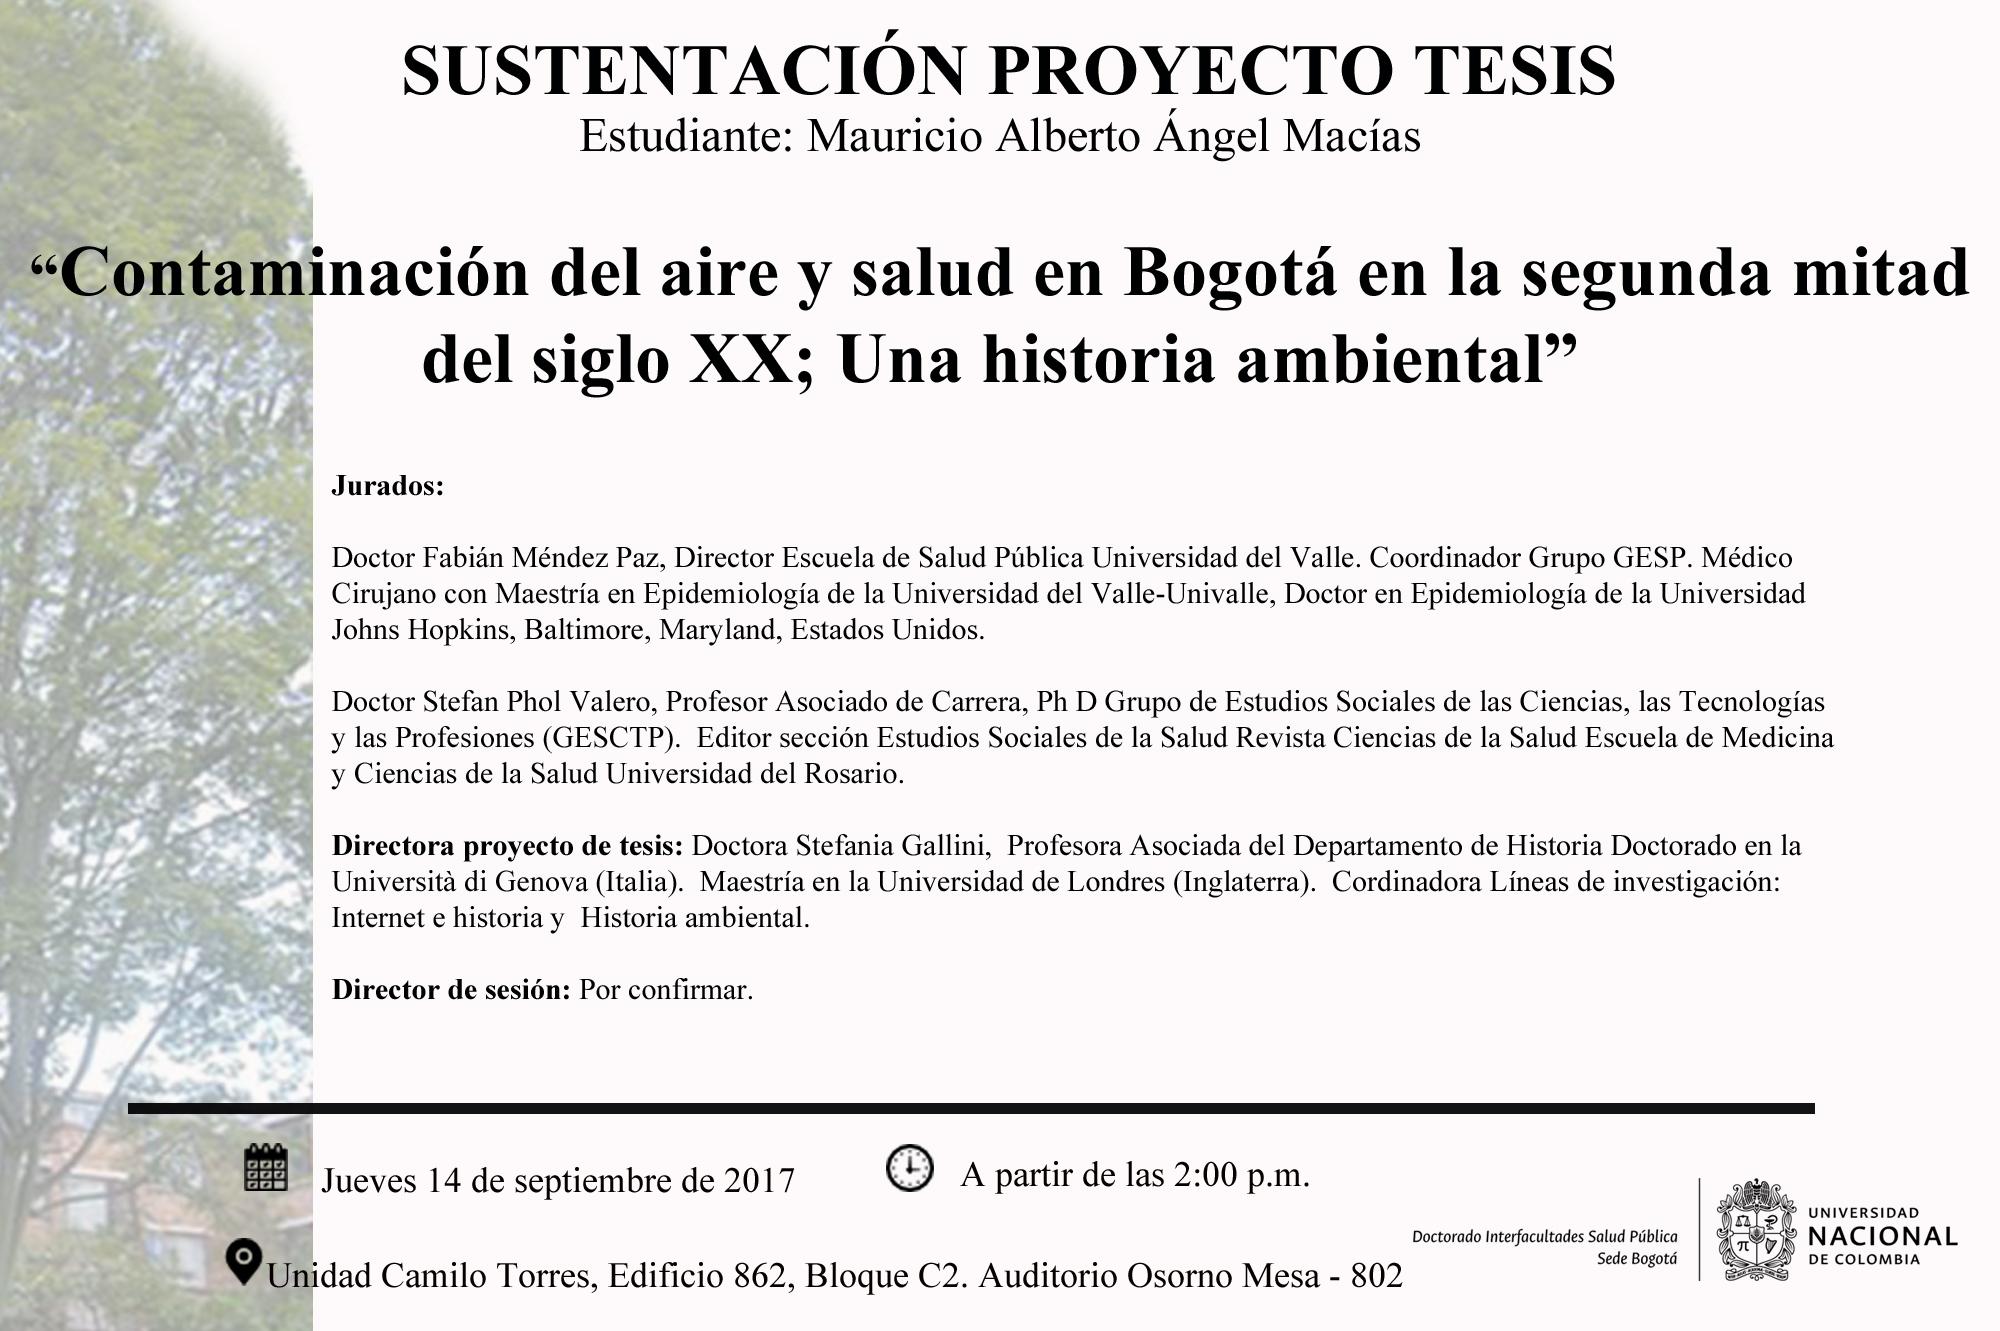 sustentcion proyecto de tesis_Mauricio Alberto Ángel Macías